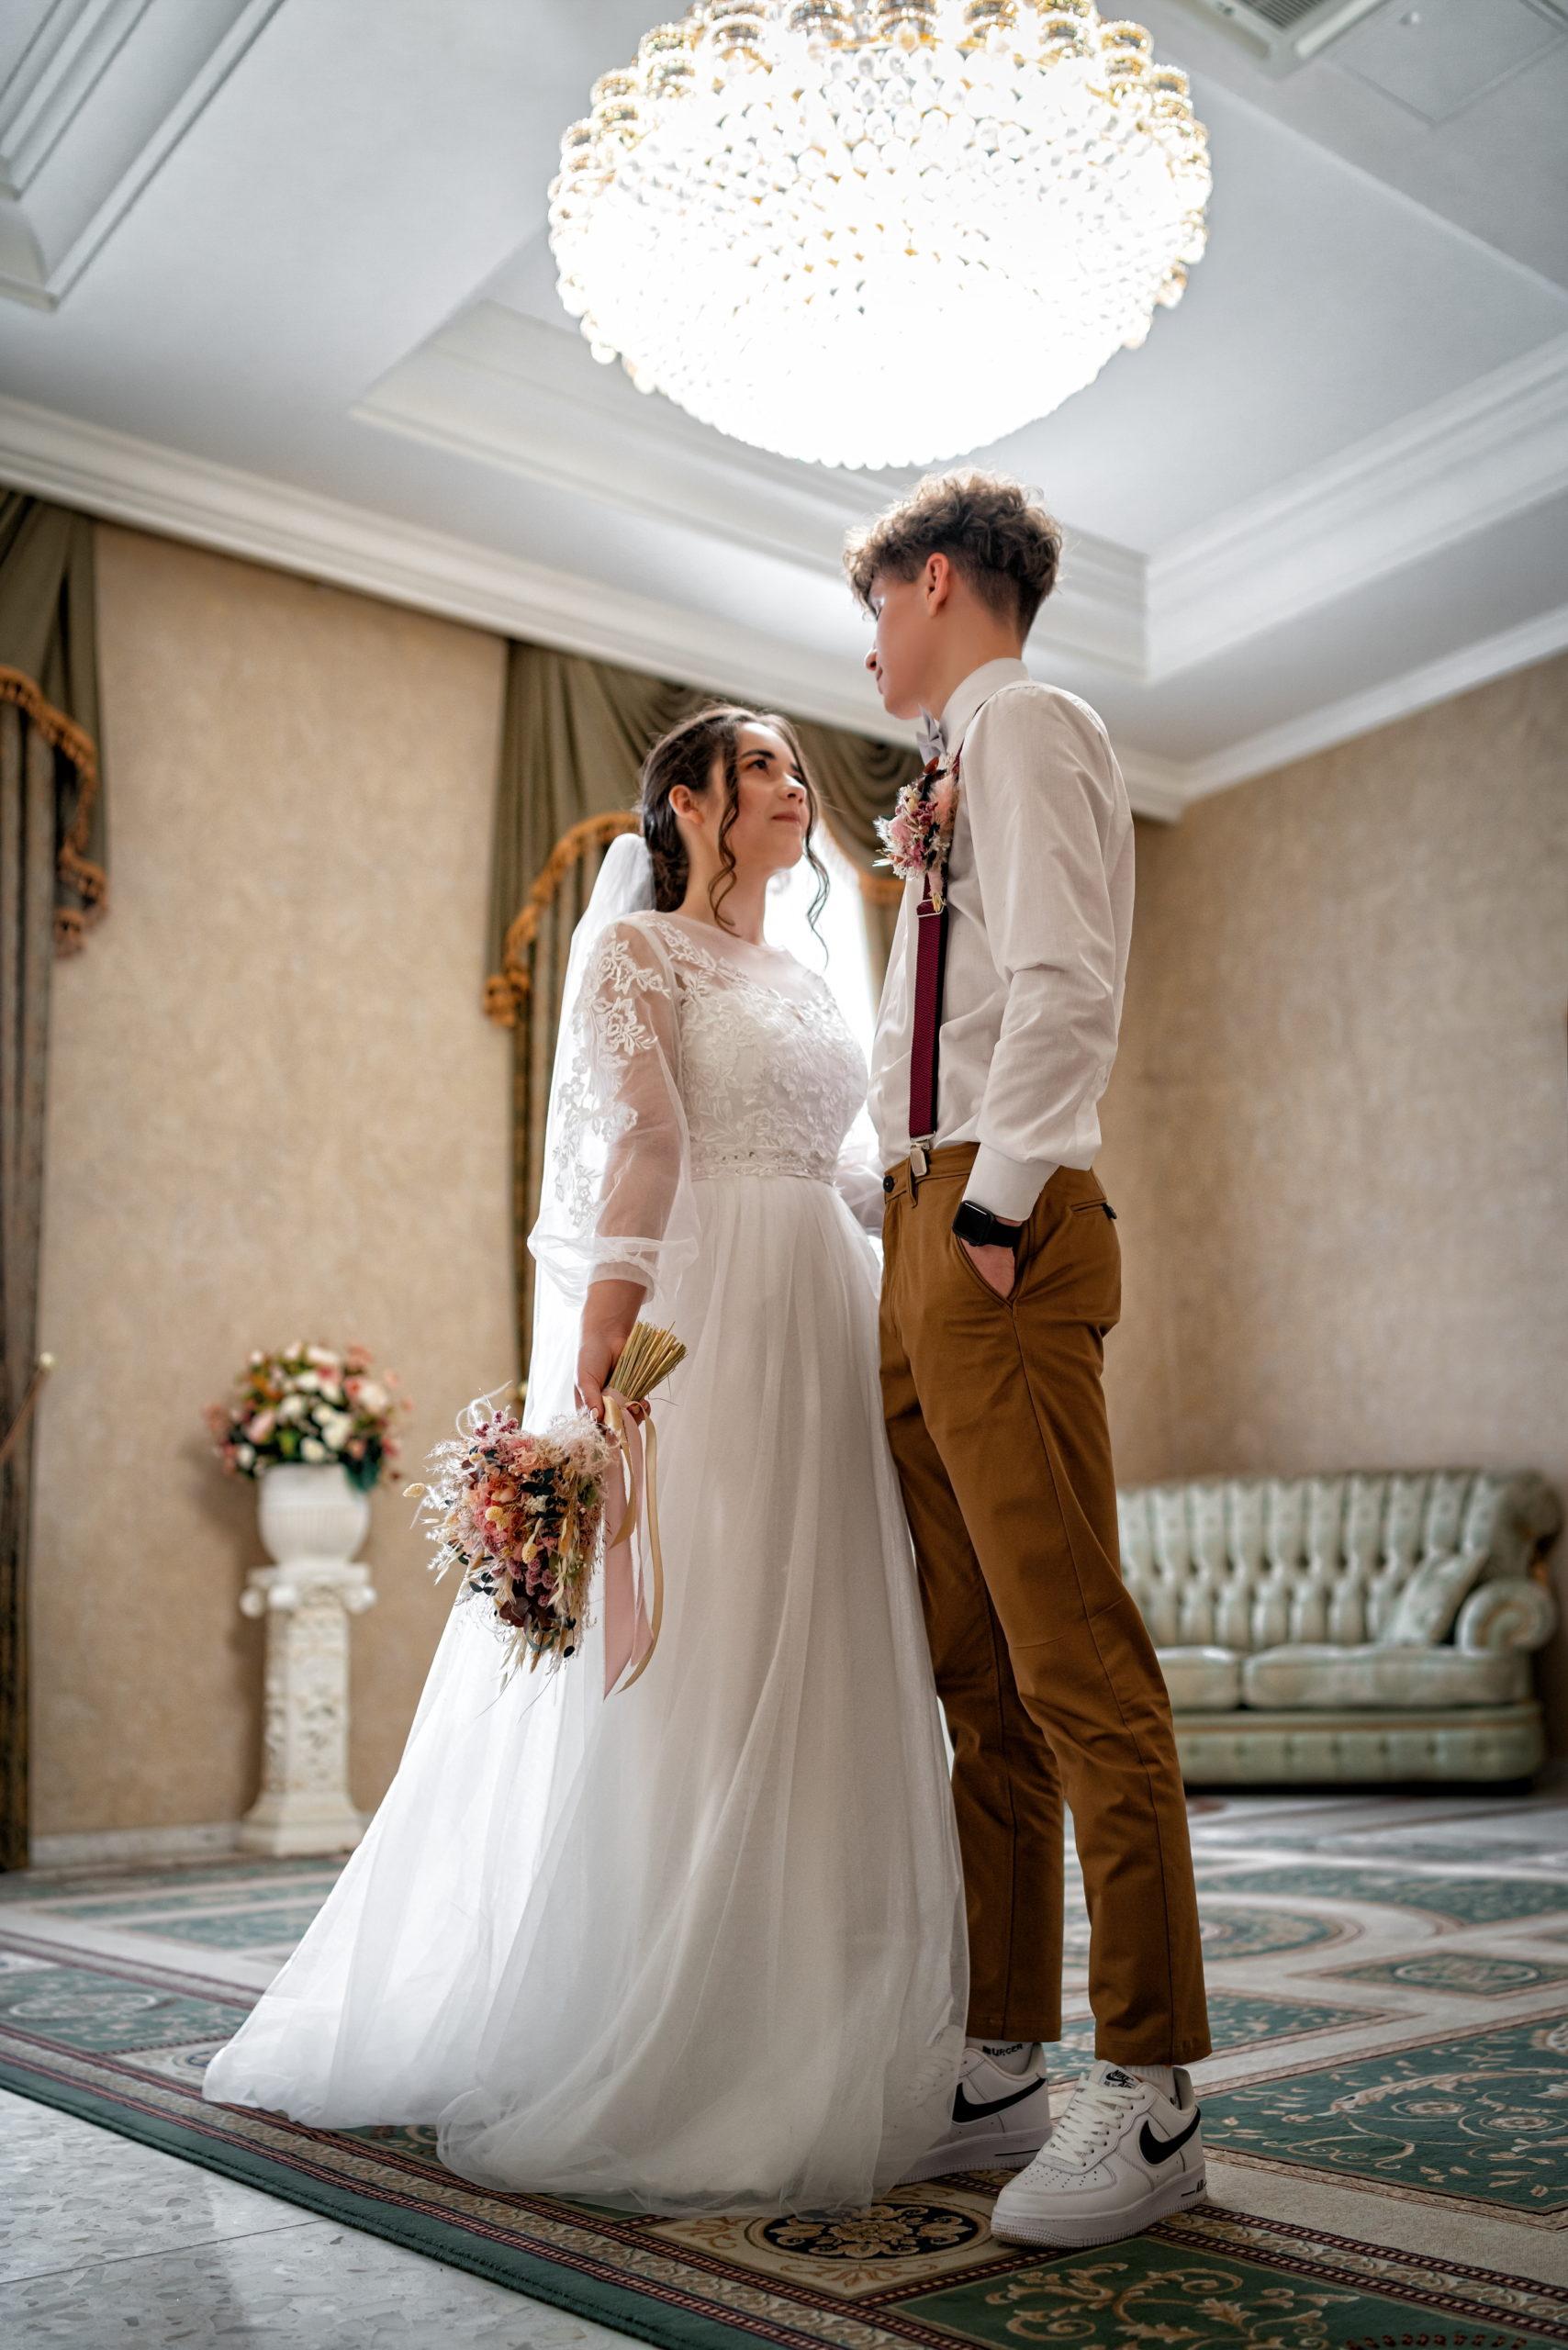 Комната жениха и невесты  - малый Хрустальный зал Екатерининского загса свадебные фото